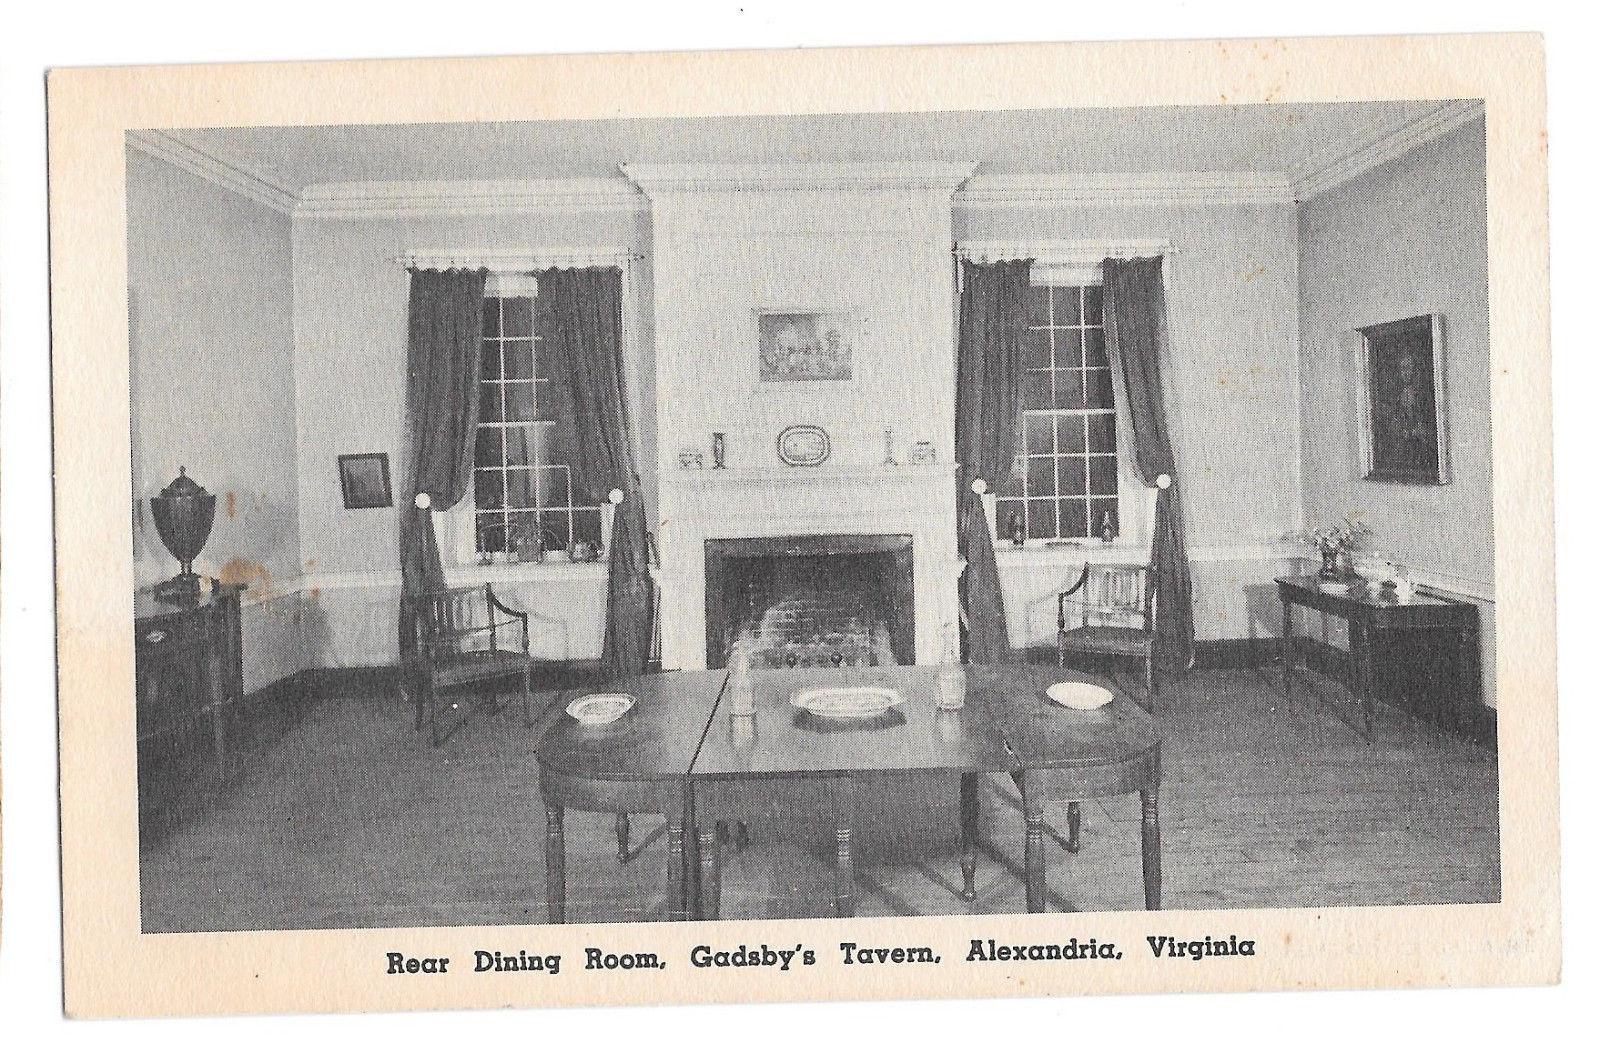 VA Alexandria Gadsby's Tavern Rear Dining Room Vtg NSDAR Postcard